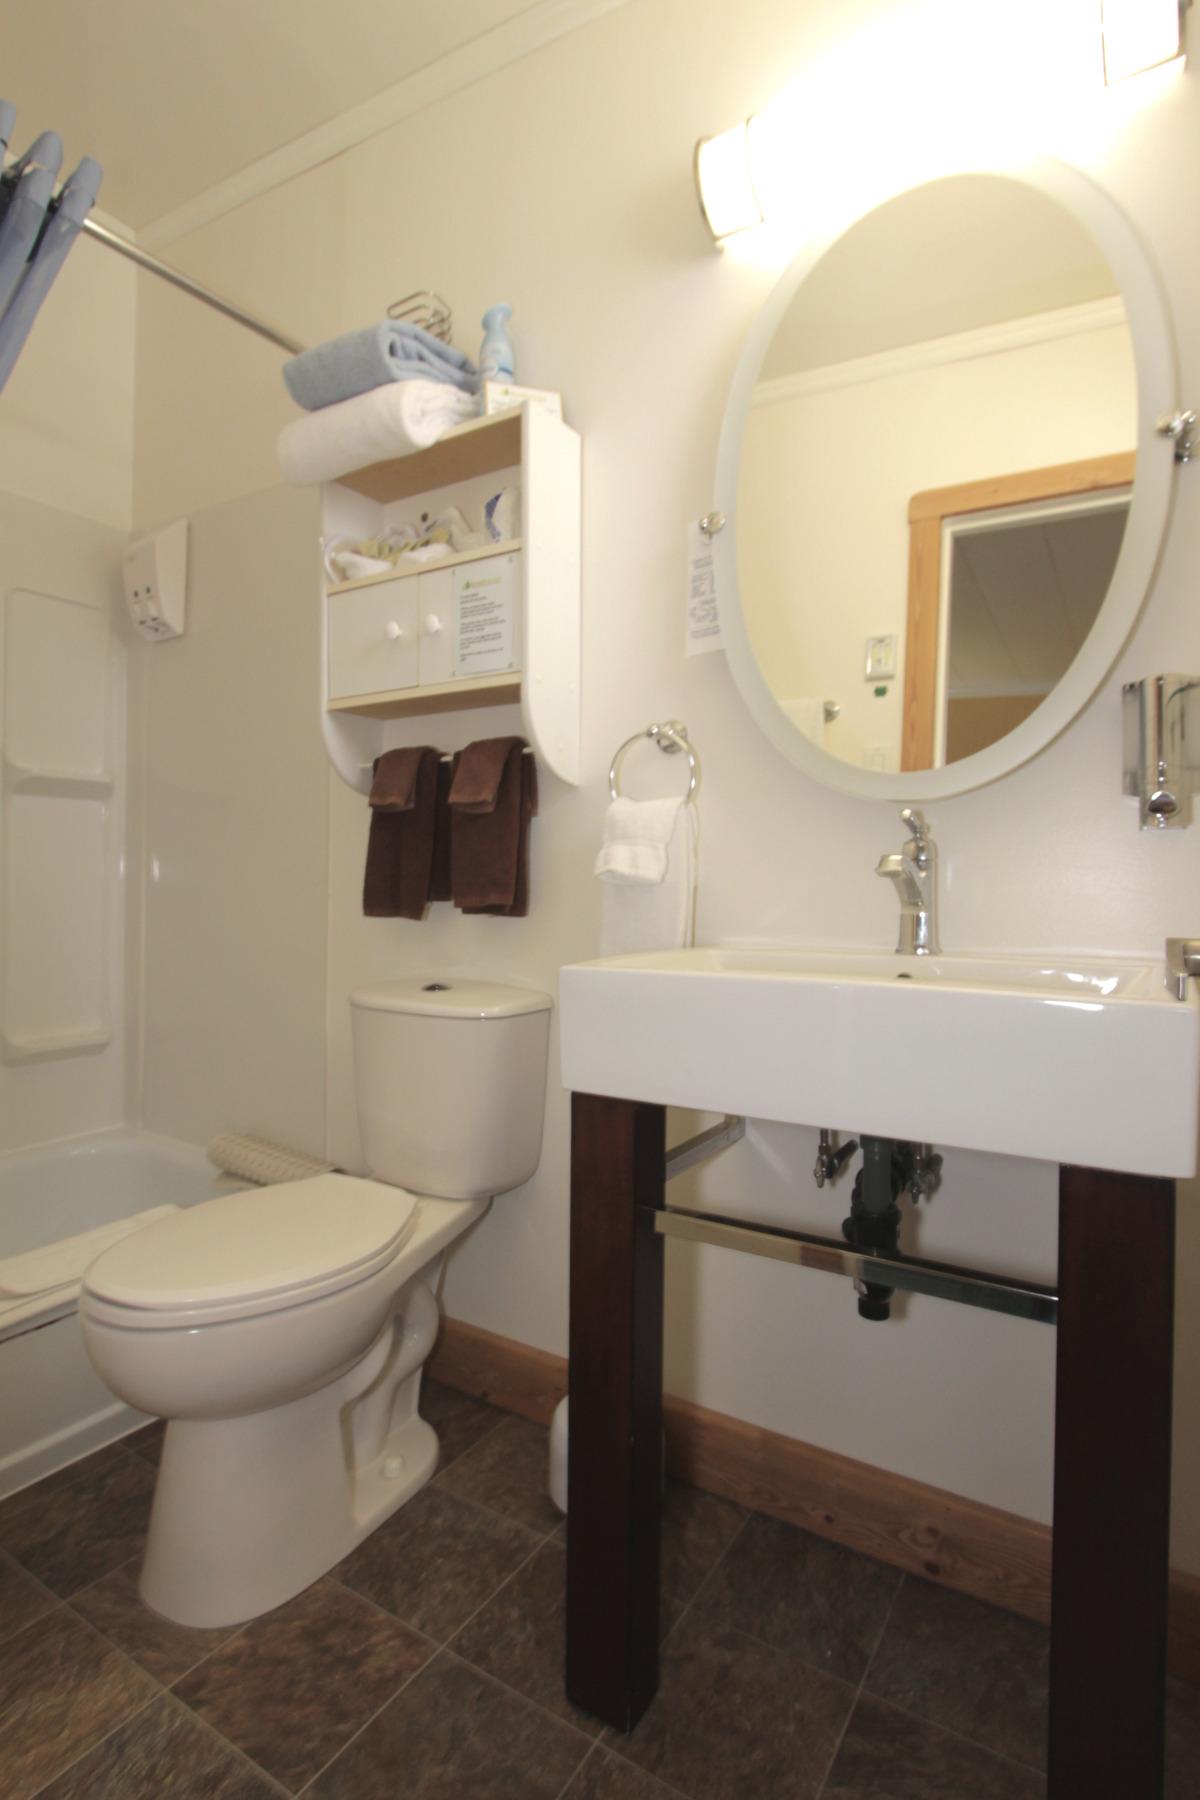 Room 14 bathroom